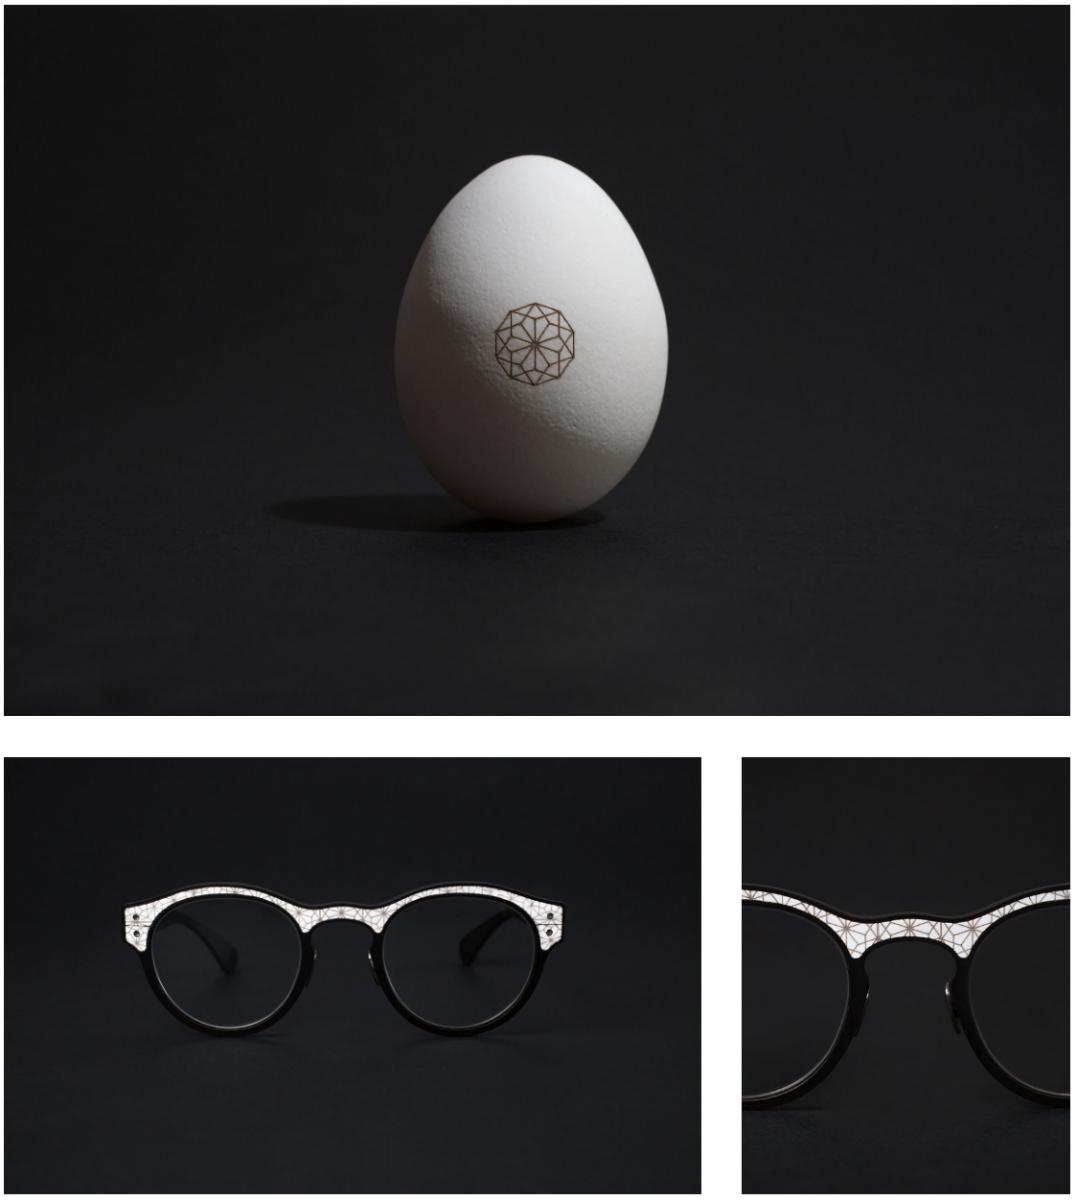 """獲得認證的最基本便是企業本身 """"堅持追求法式工藝精神的永恆性"""" EPV認証是從國家級的制高點,鼓勵糅合傳統及現代、奢華及原創性的稀有工藝技術,甚至為人類珍貴文化遺產保存而努力,某種程度上早己跳脫了奢華的表象。獲得認證的品牌舉凡 愛馬仕Hermes, 卡地亞Cartier, 梵克雅寶 VCA, 香奈爾 Chanel 等等知名帶起文化變革的老字號企業。Lucas de Stael 身為一個相對年輕的品牌來說,幾乎是前所未有的榮譽。"""